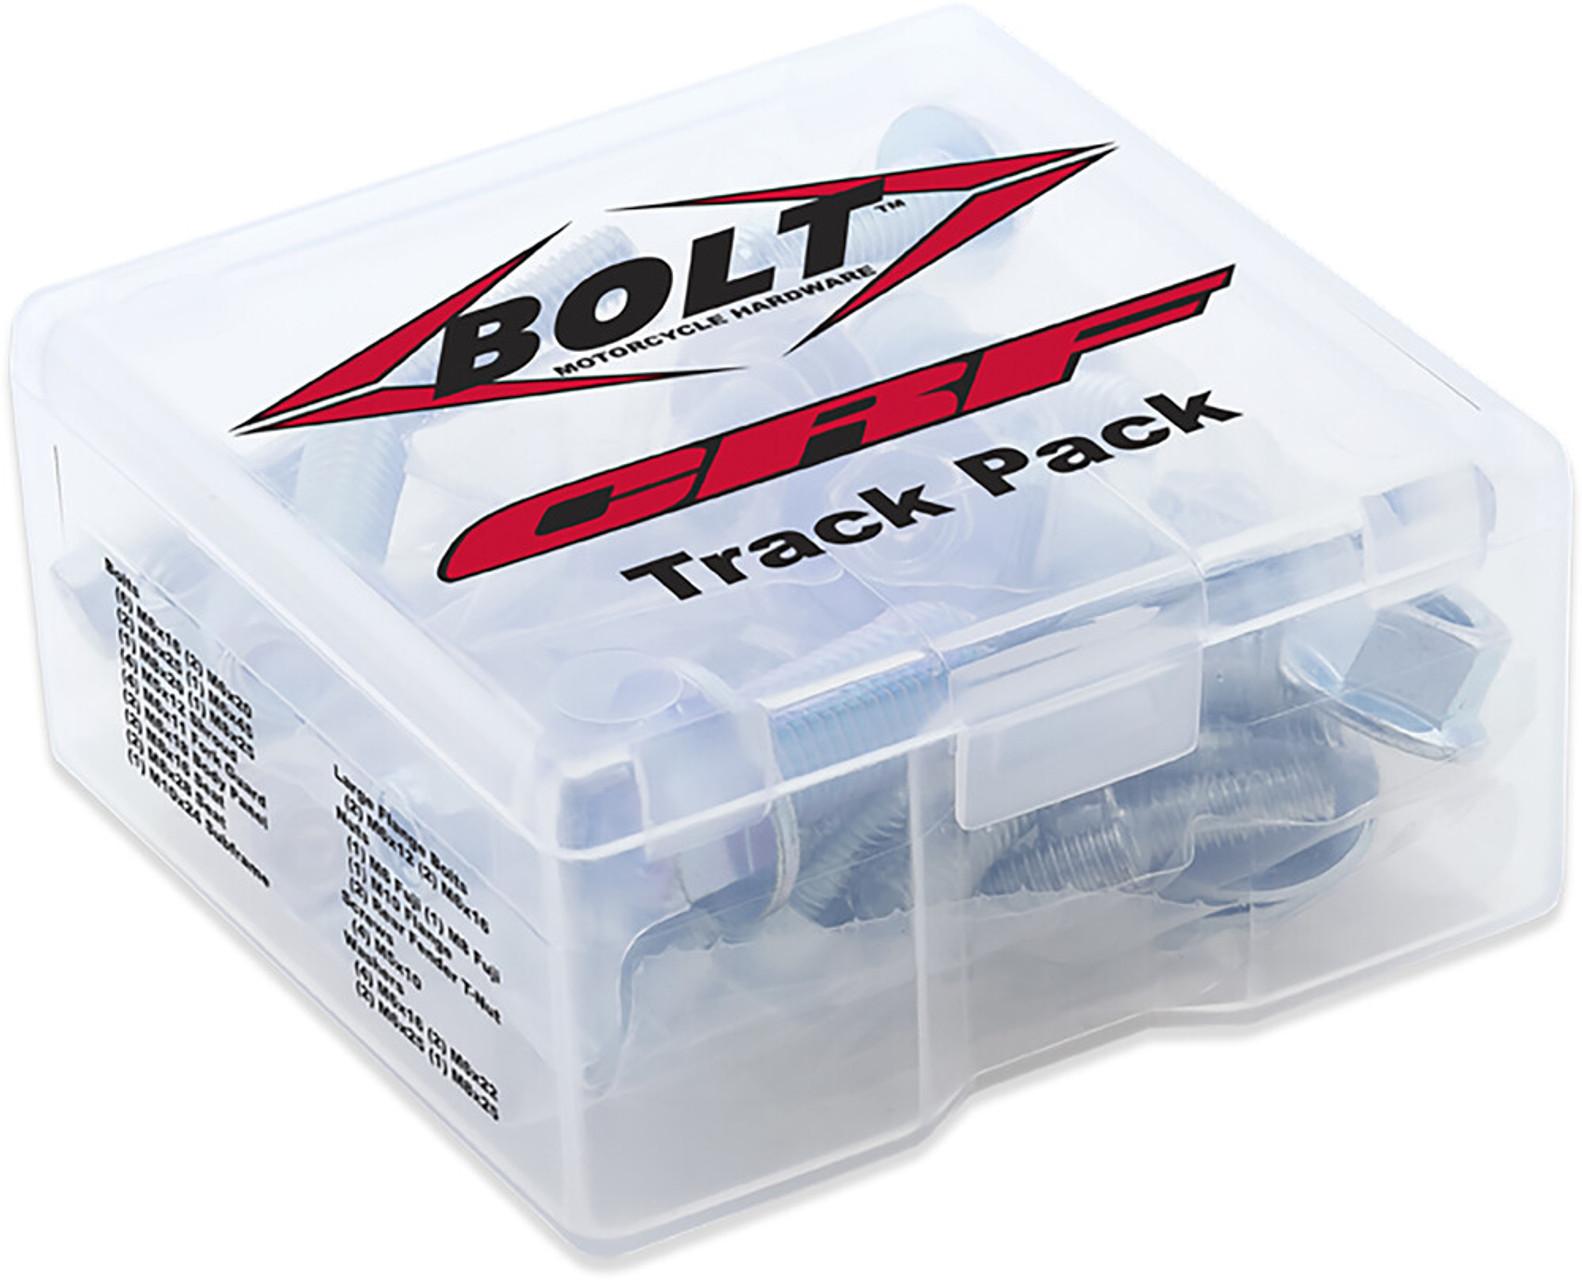 Bolt Japanese Style Metric Pro-Packkit 2004-PP